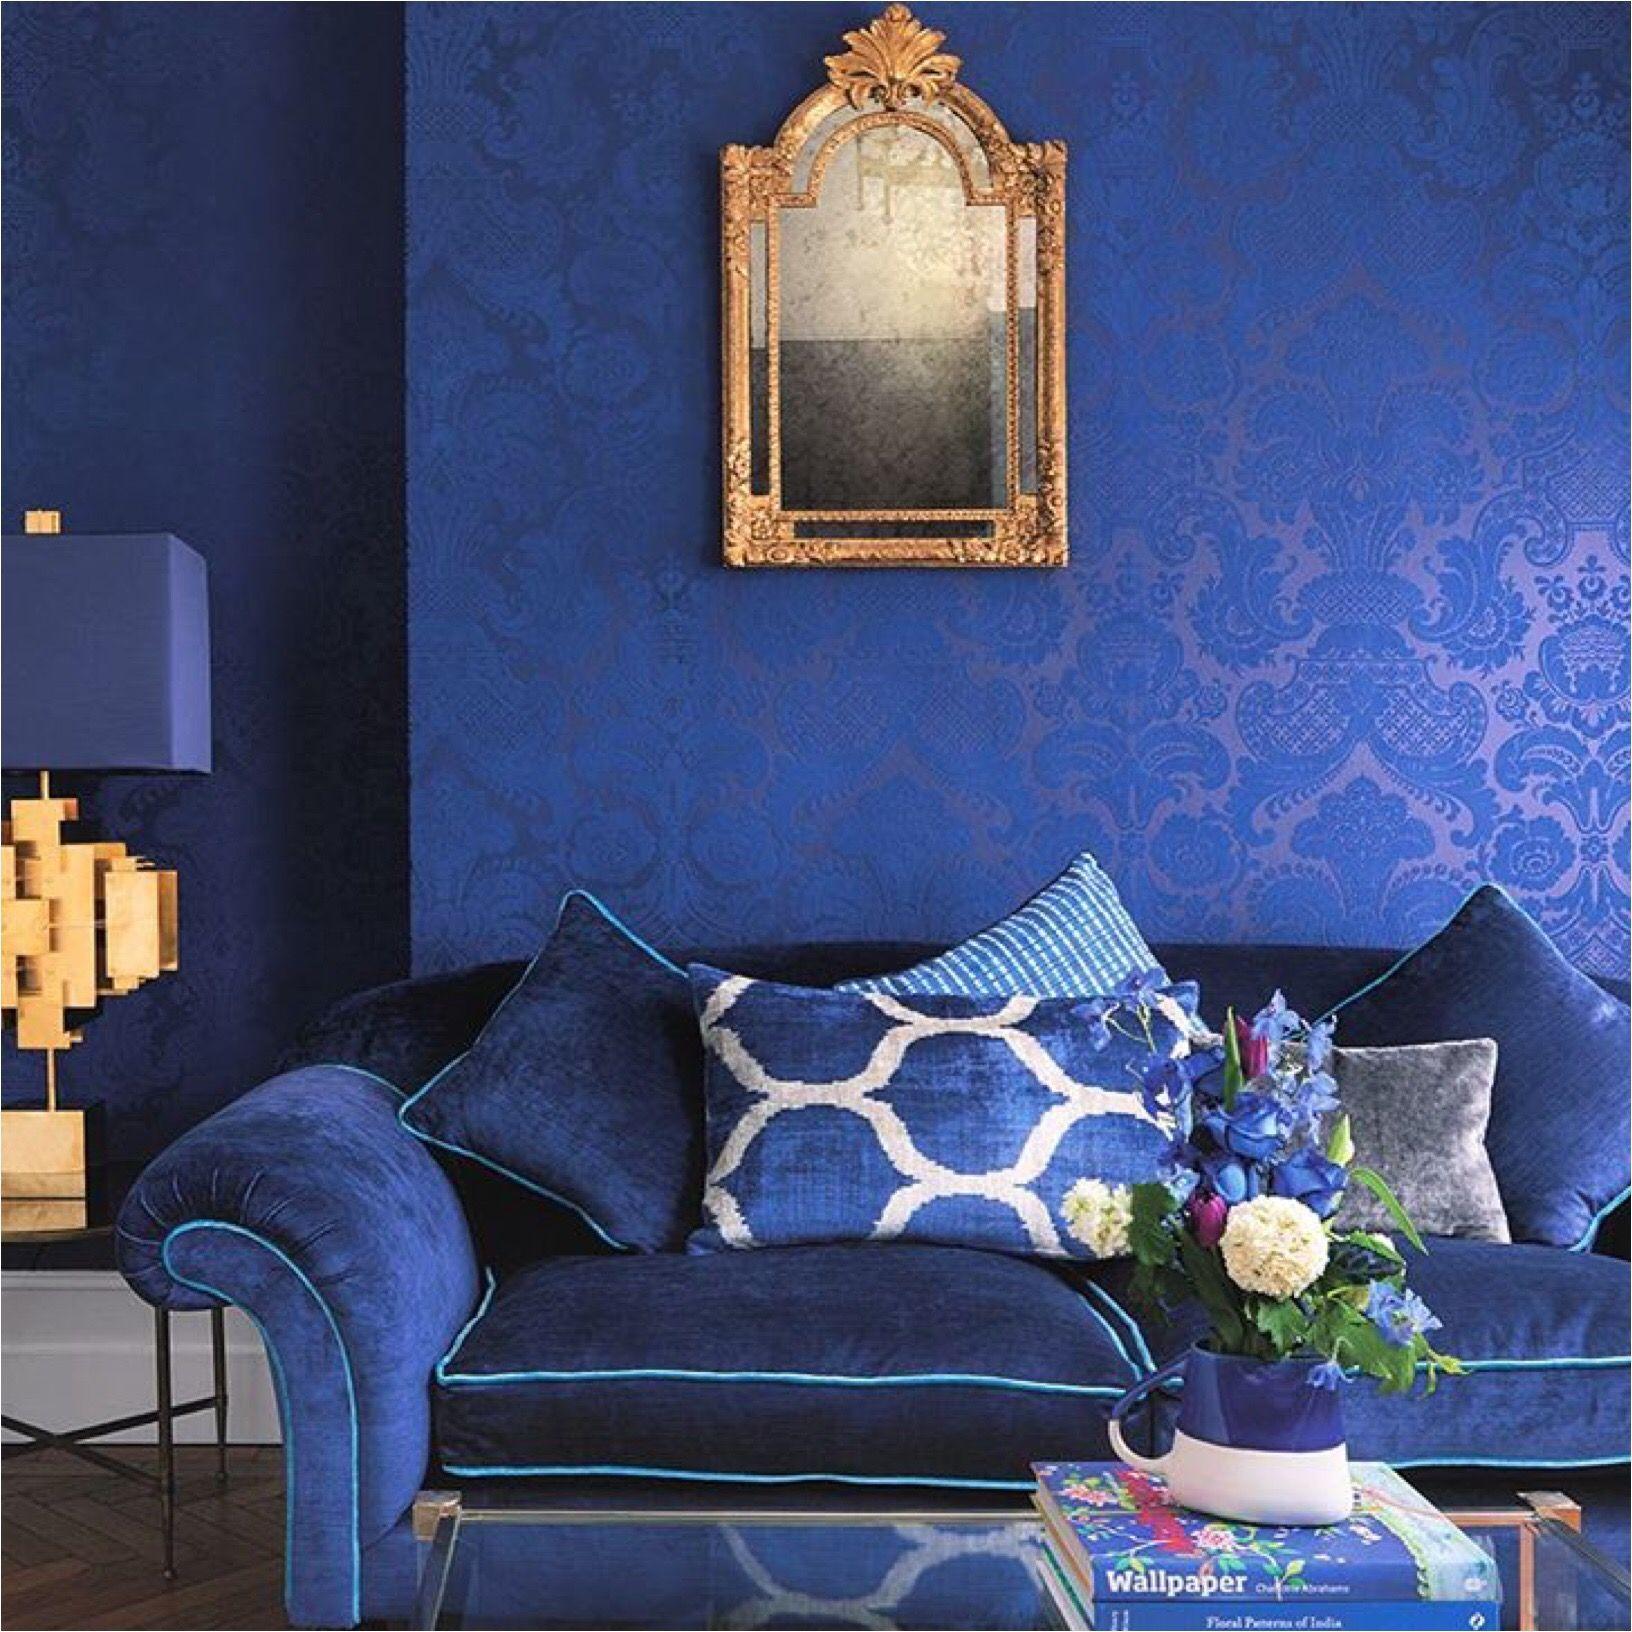 Pin On Blue Walls Room Ideas Blue wallpaper room inspiration